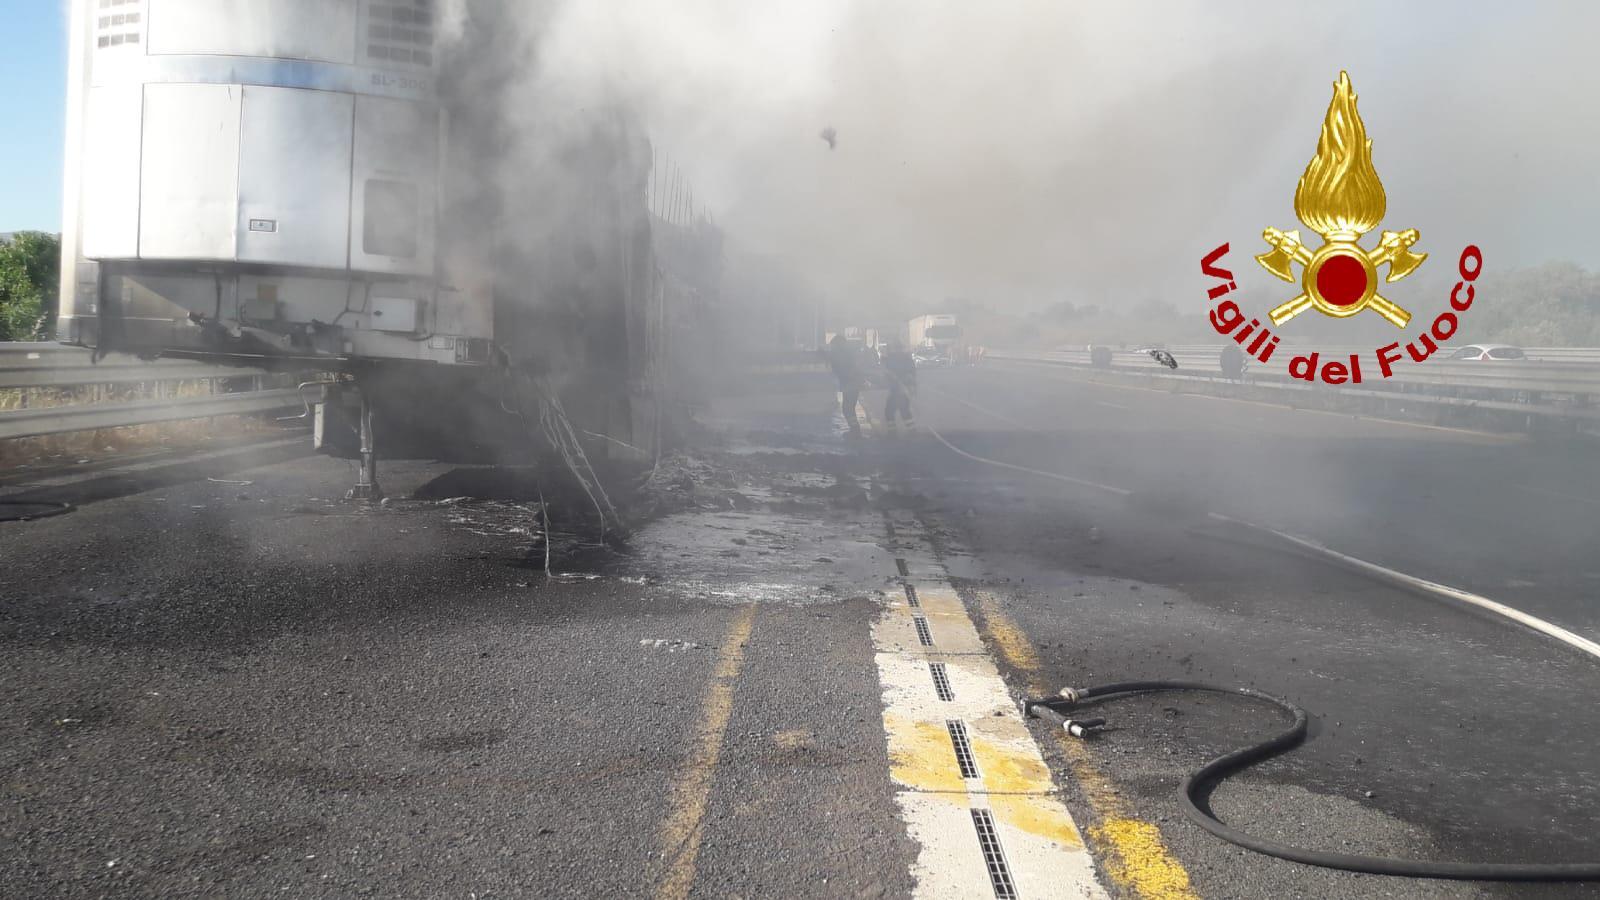 Fiamme in autostrada, a fuoco rimorchio di un autoarticolato: vigili del fuoco sul posto